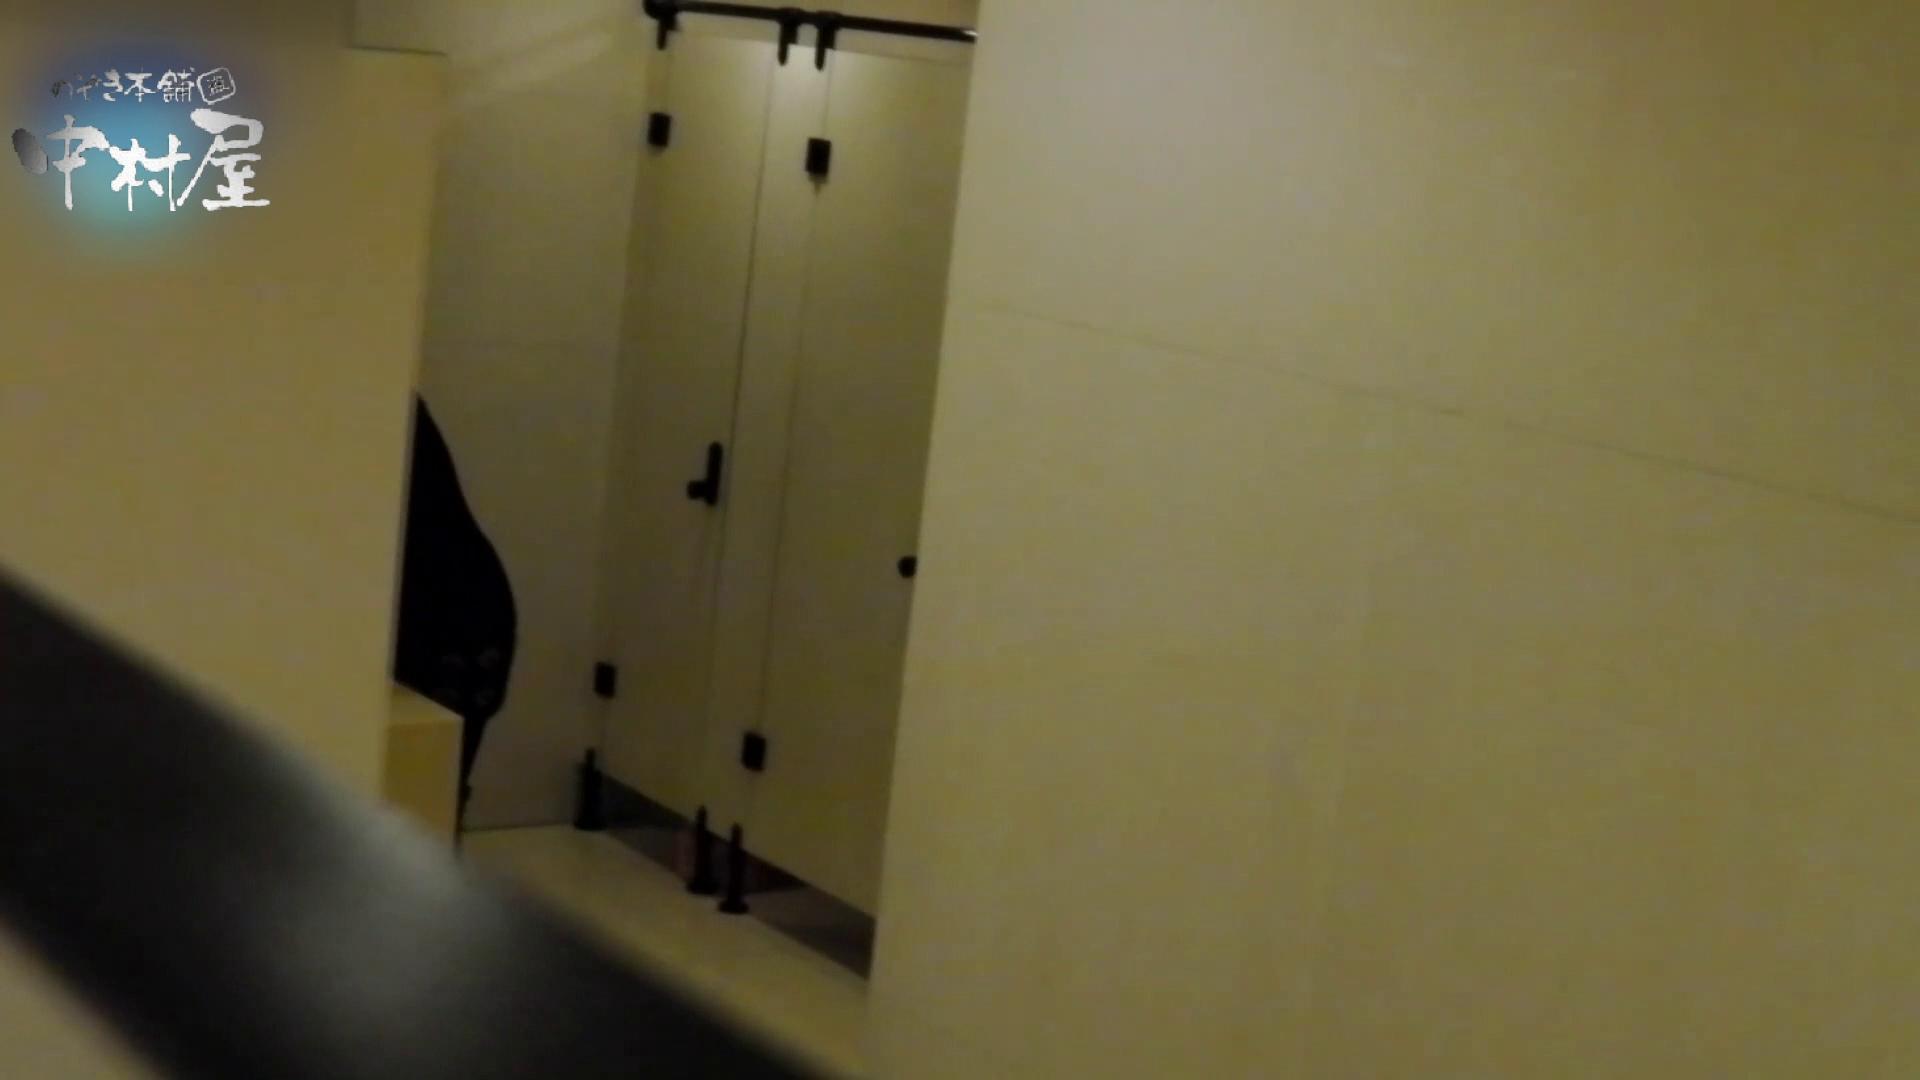 乙女集まる!ショッピングモール潜入撮vol.02 トイレの中まで | 潜入 盗撮 10枚 1